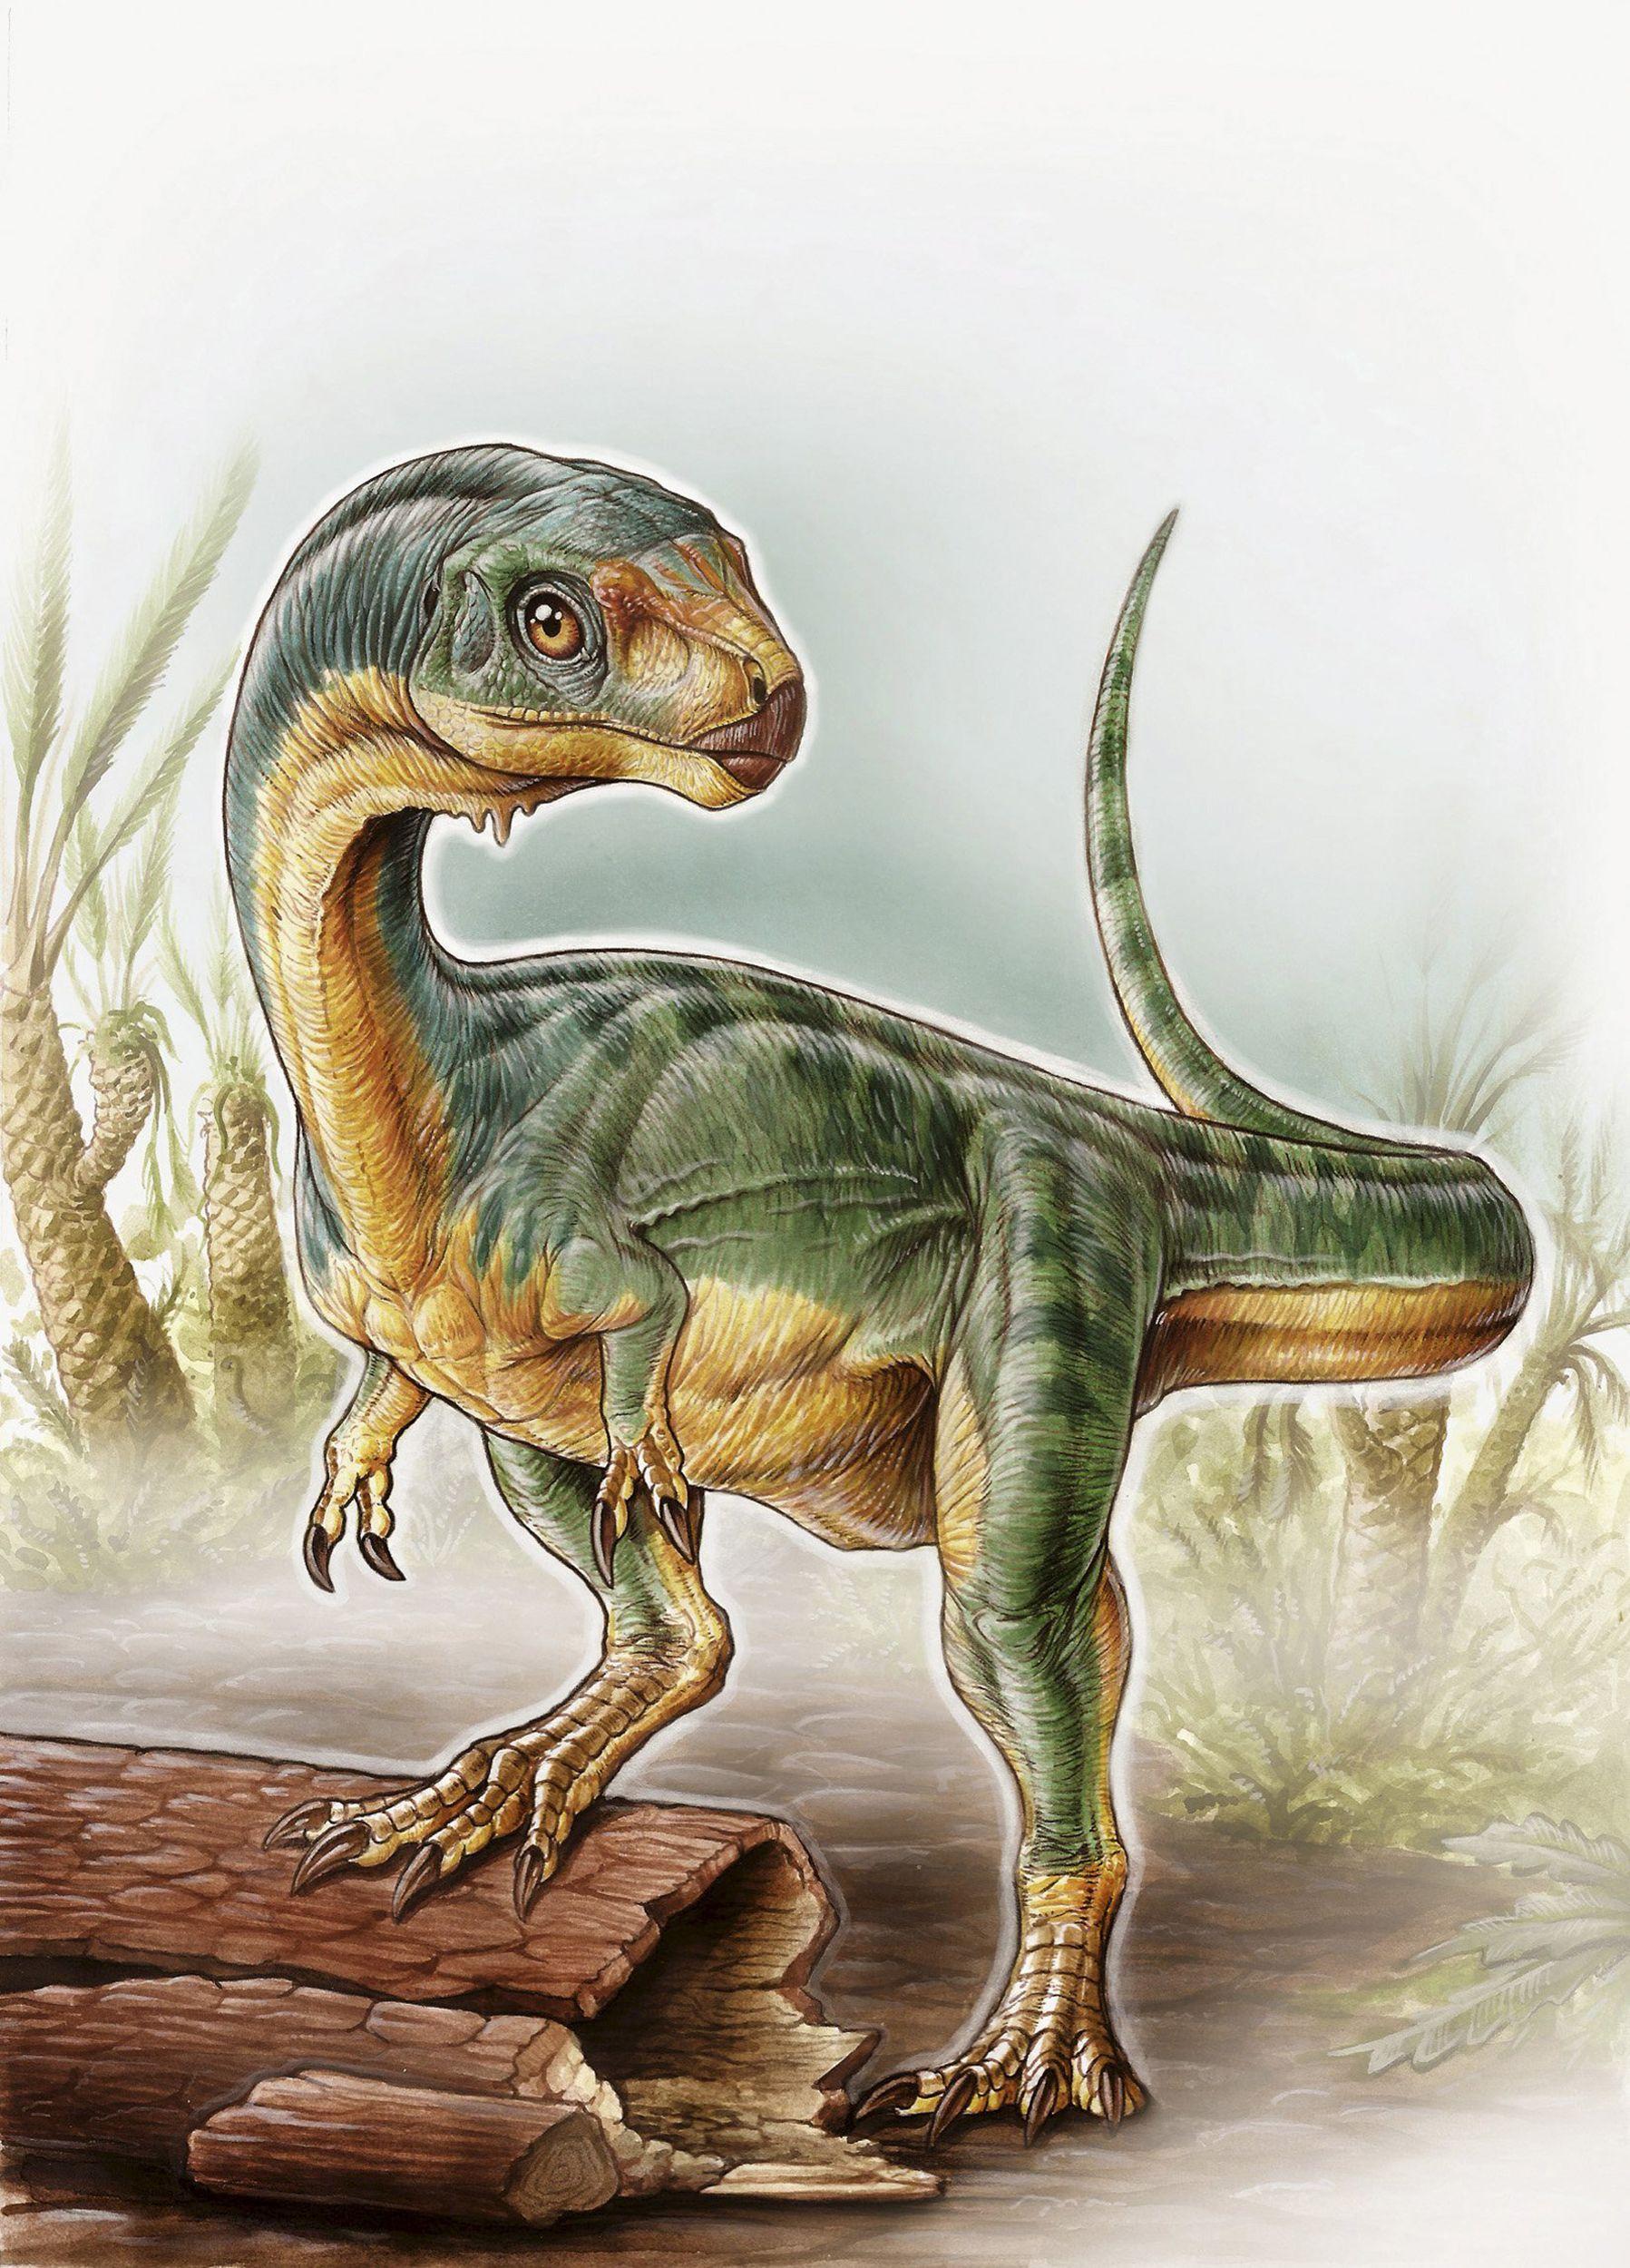 Chilesaurus diegosuarezi, el dinosaurio autóctono de Chile - Cooperativa.cl